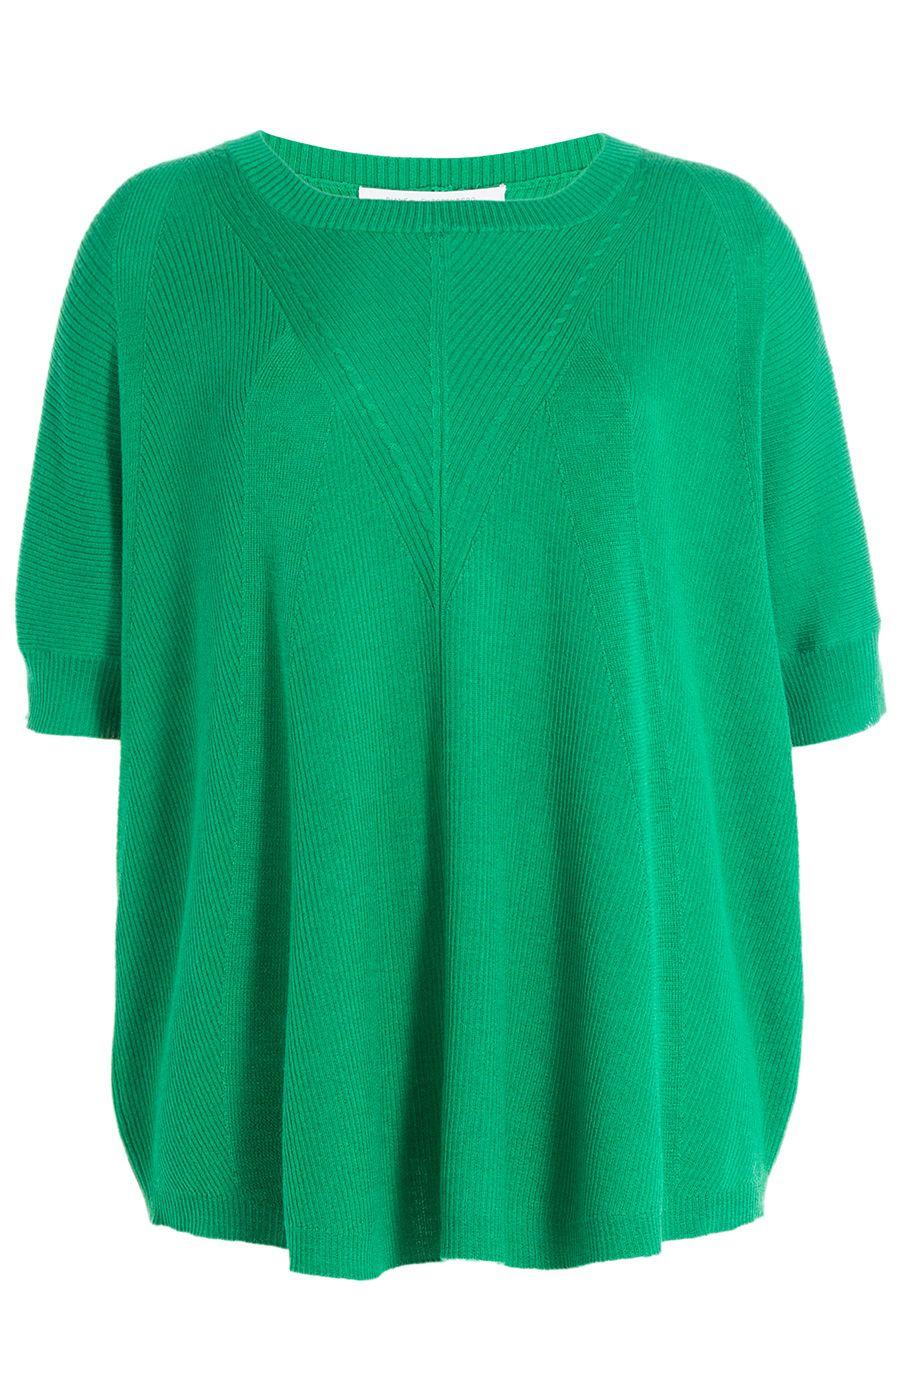 DIANE VON FURSTENBERG Merino Wool Pullover With Silk. #dianevonfurstenberg #cloth #scoop neck